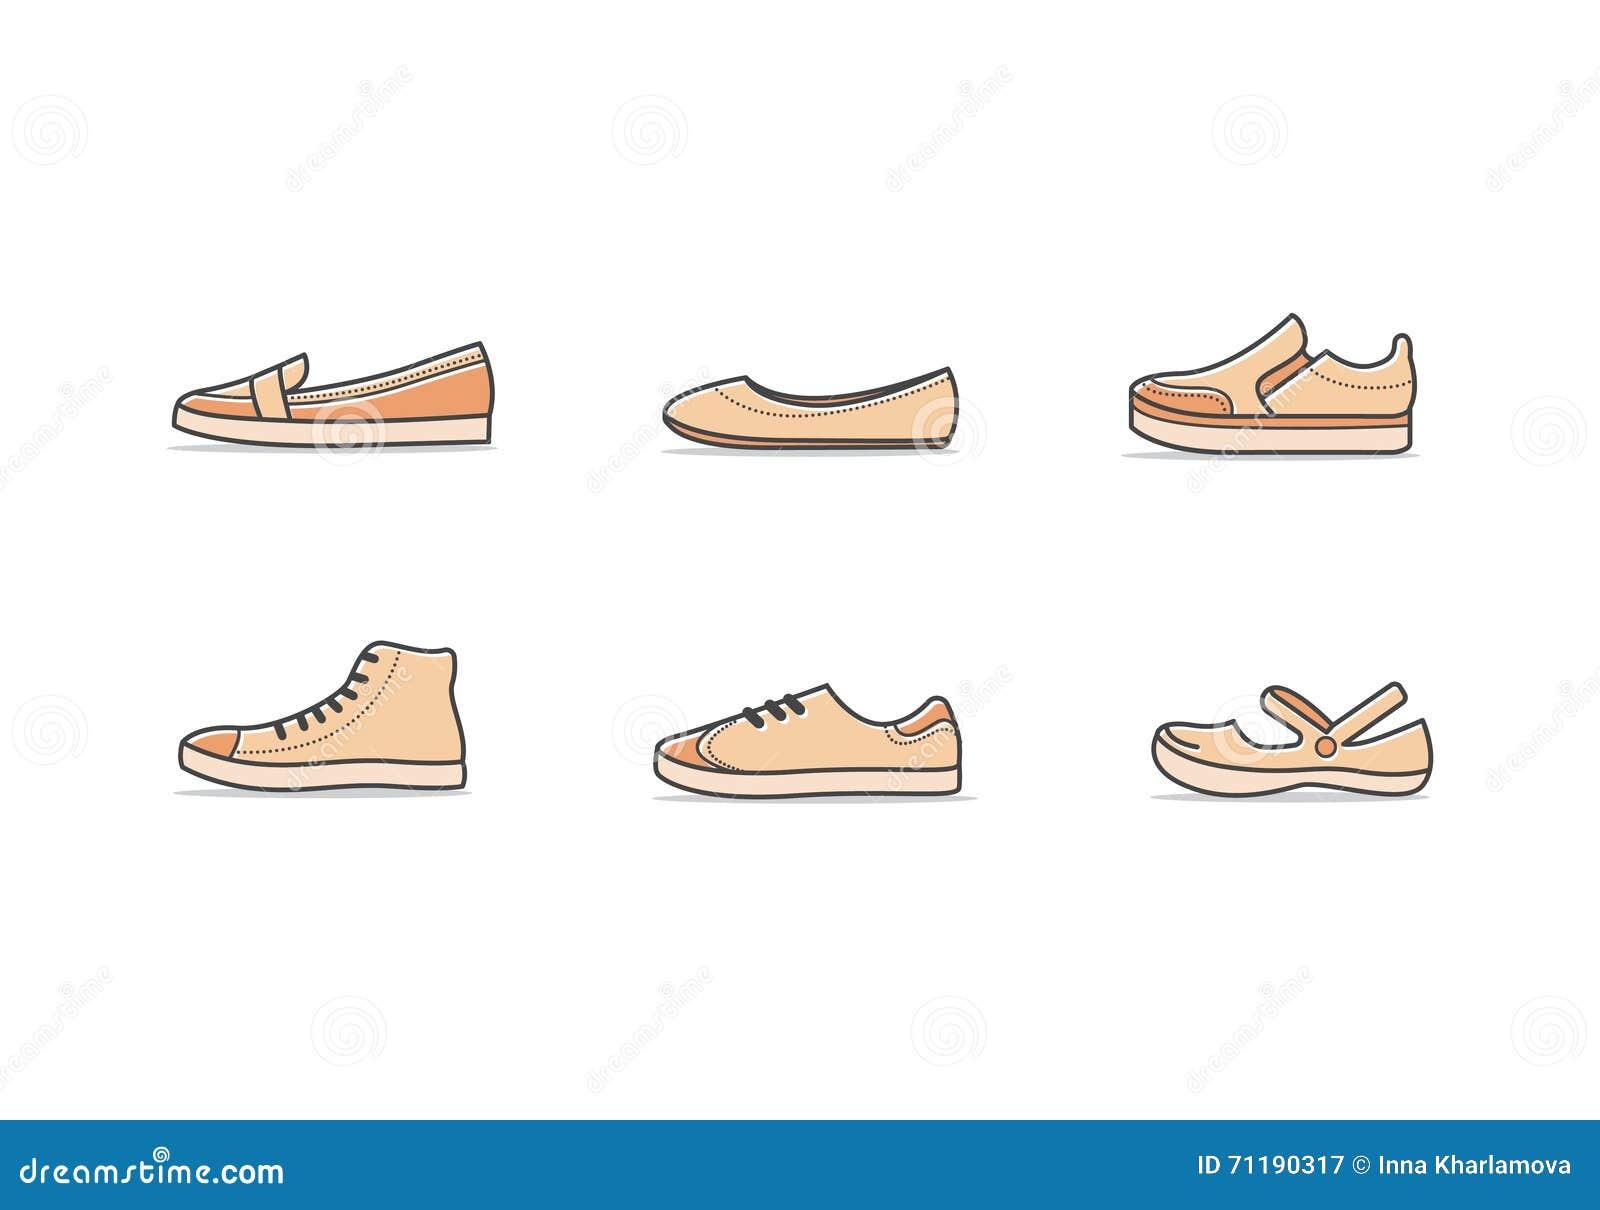 Vecteur Femme Illustration Types De Chaussures zMSUVp